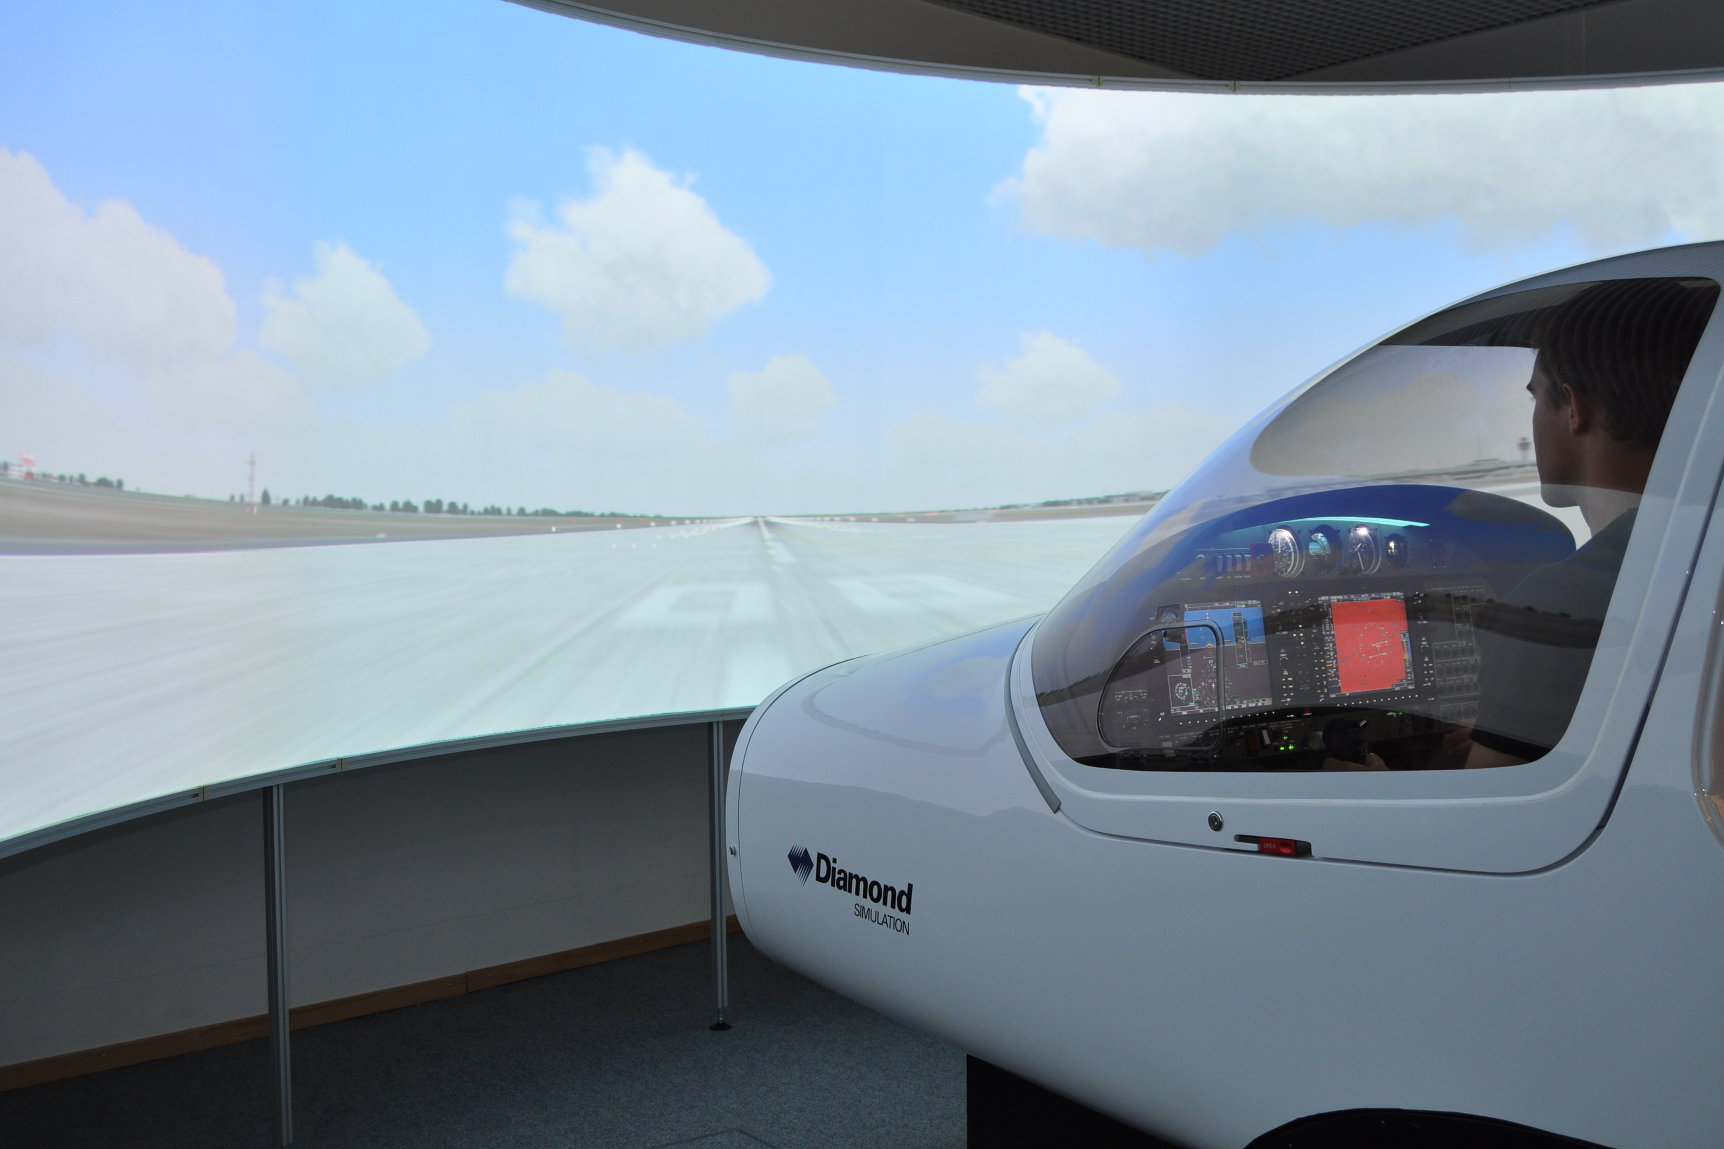 Первый авиасимулятор Euramec Diamond DA-20 на службе в Aeroviation - Сингапур